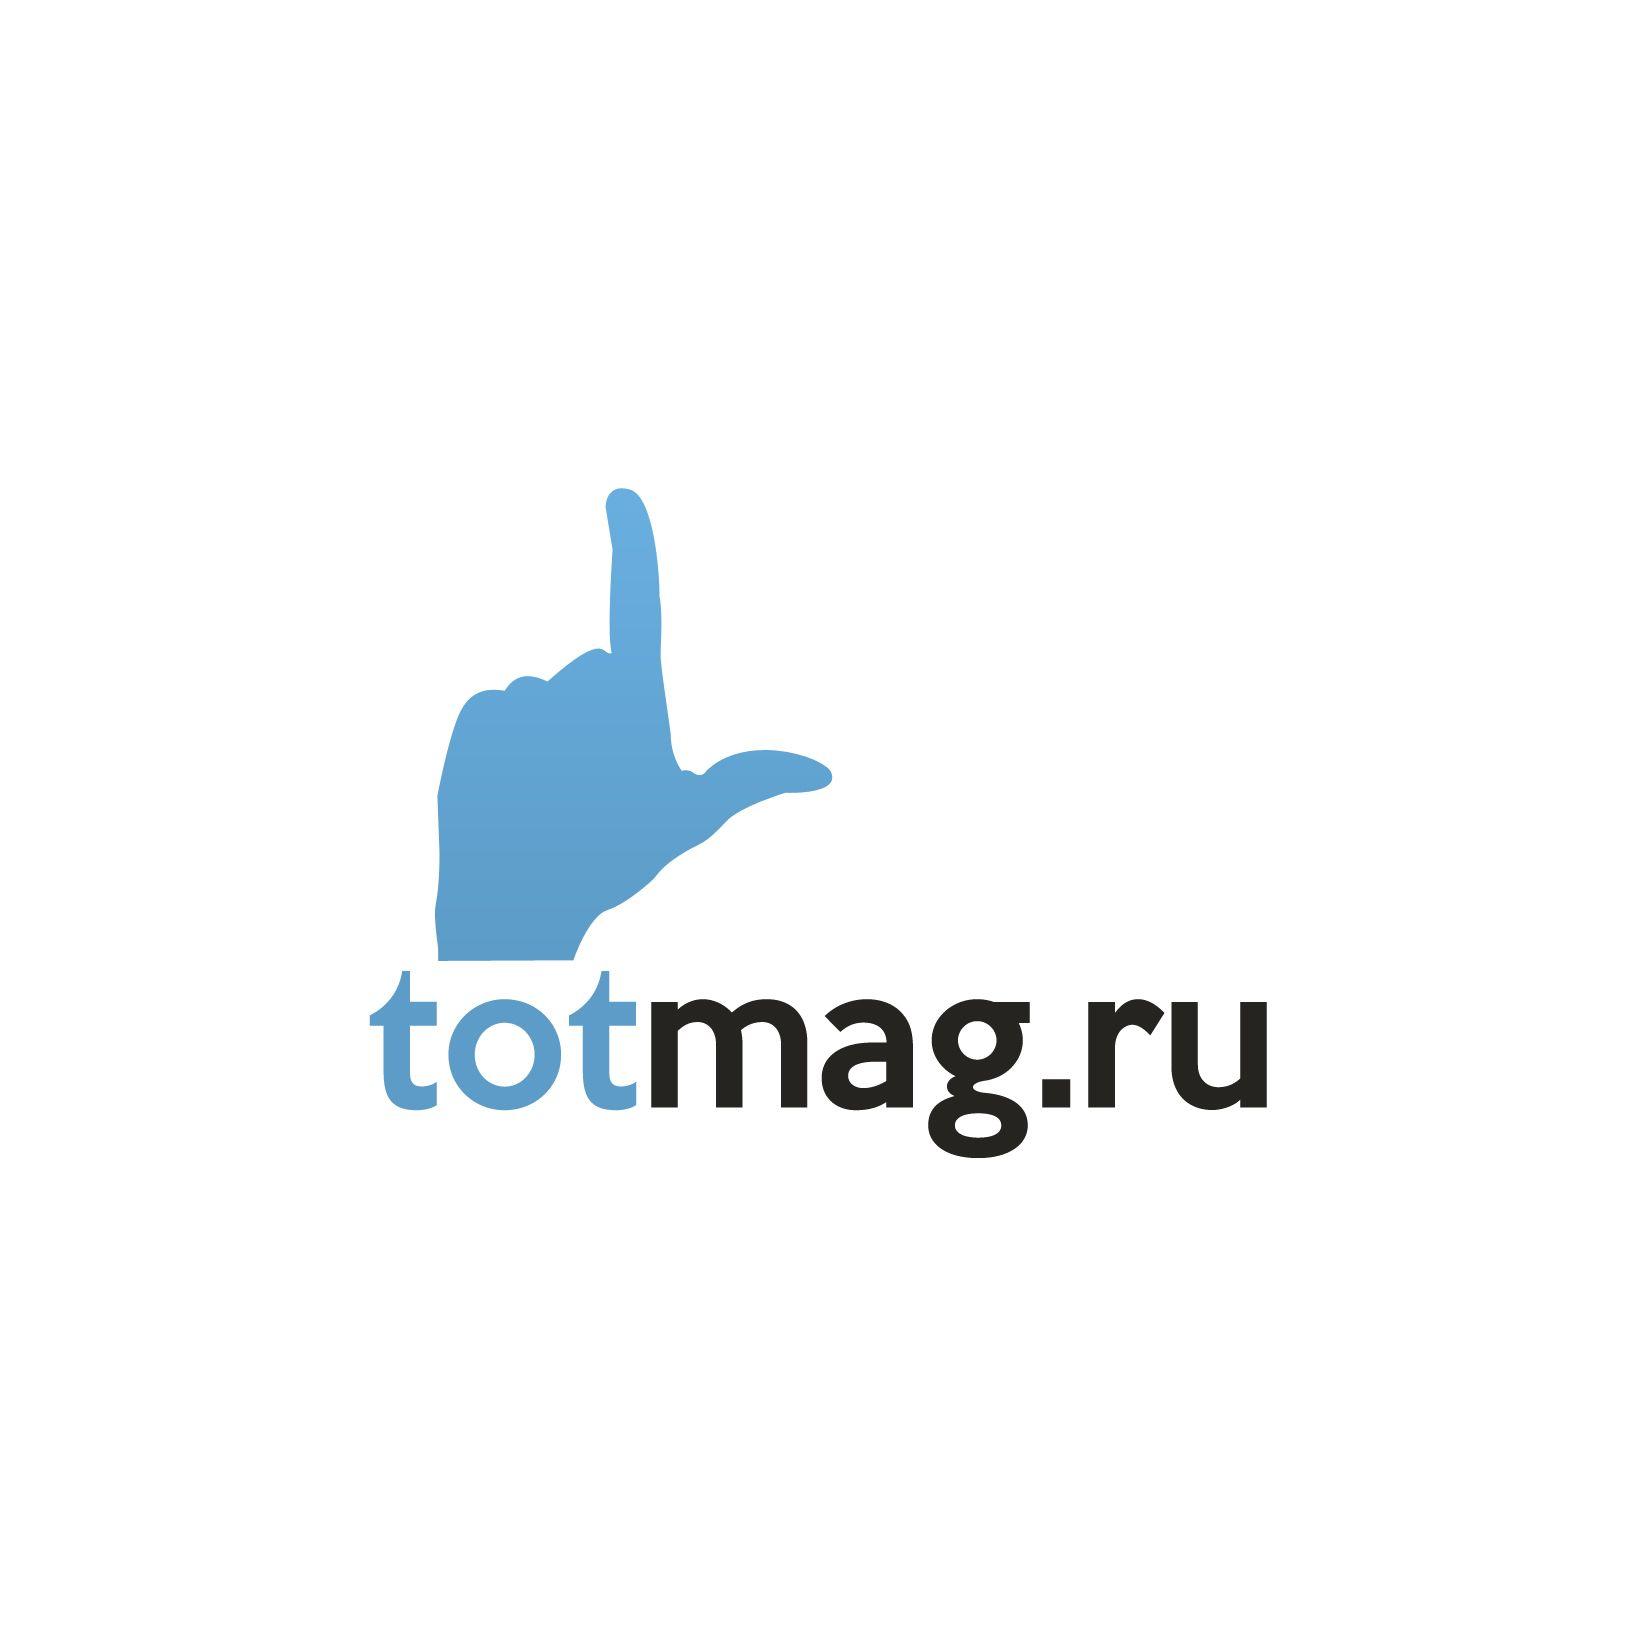 Логотип для интернет магазина totmag.ru - дизайнер Kapitane